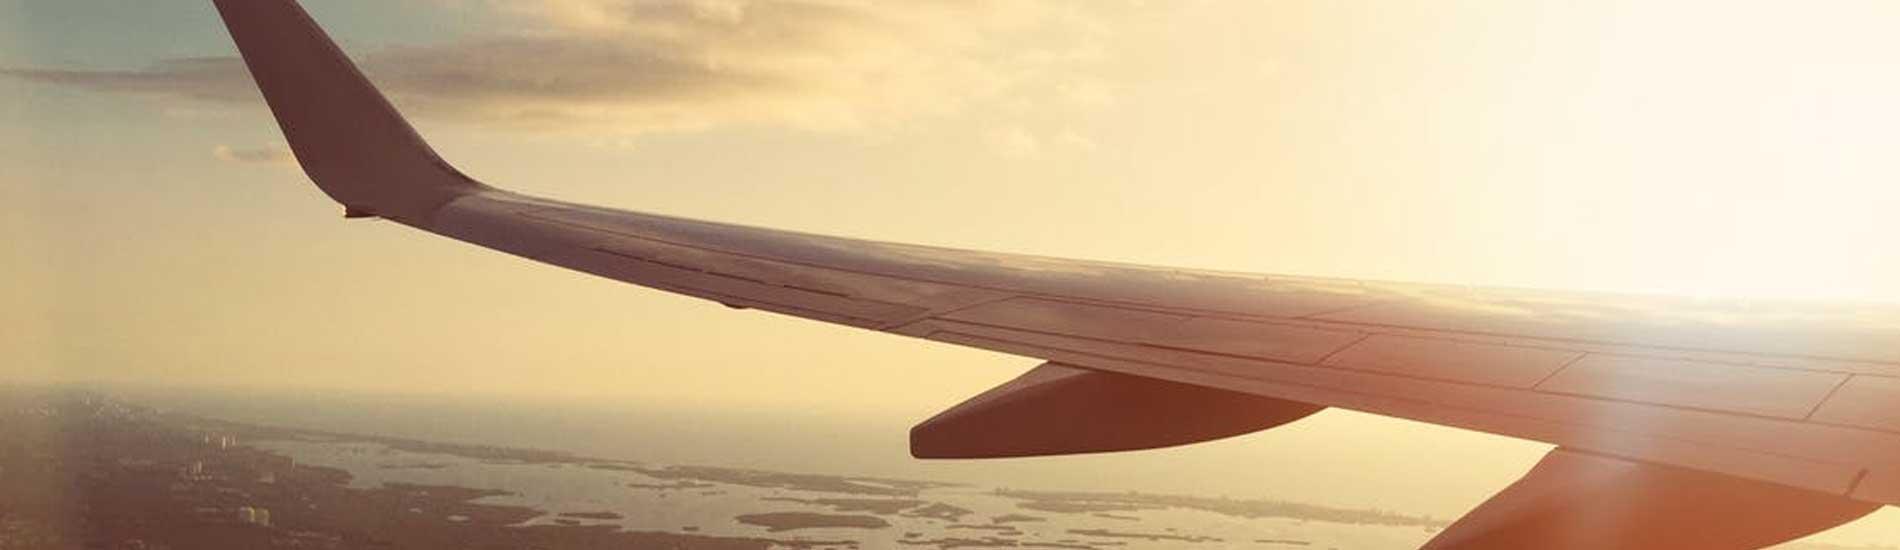 Avrupa'da Düşük Bütçeli Seyahat İçin Öneriler